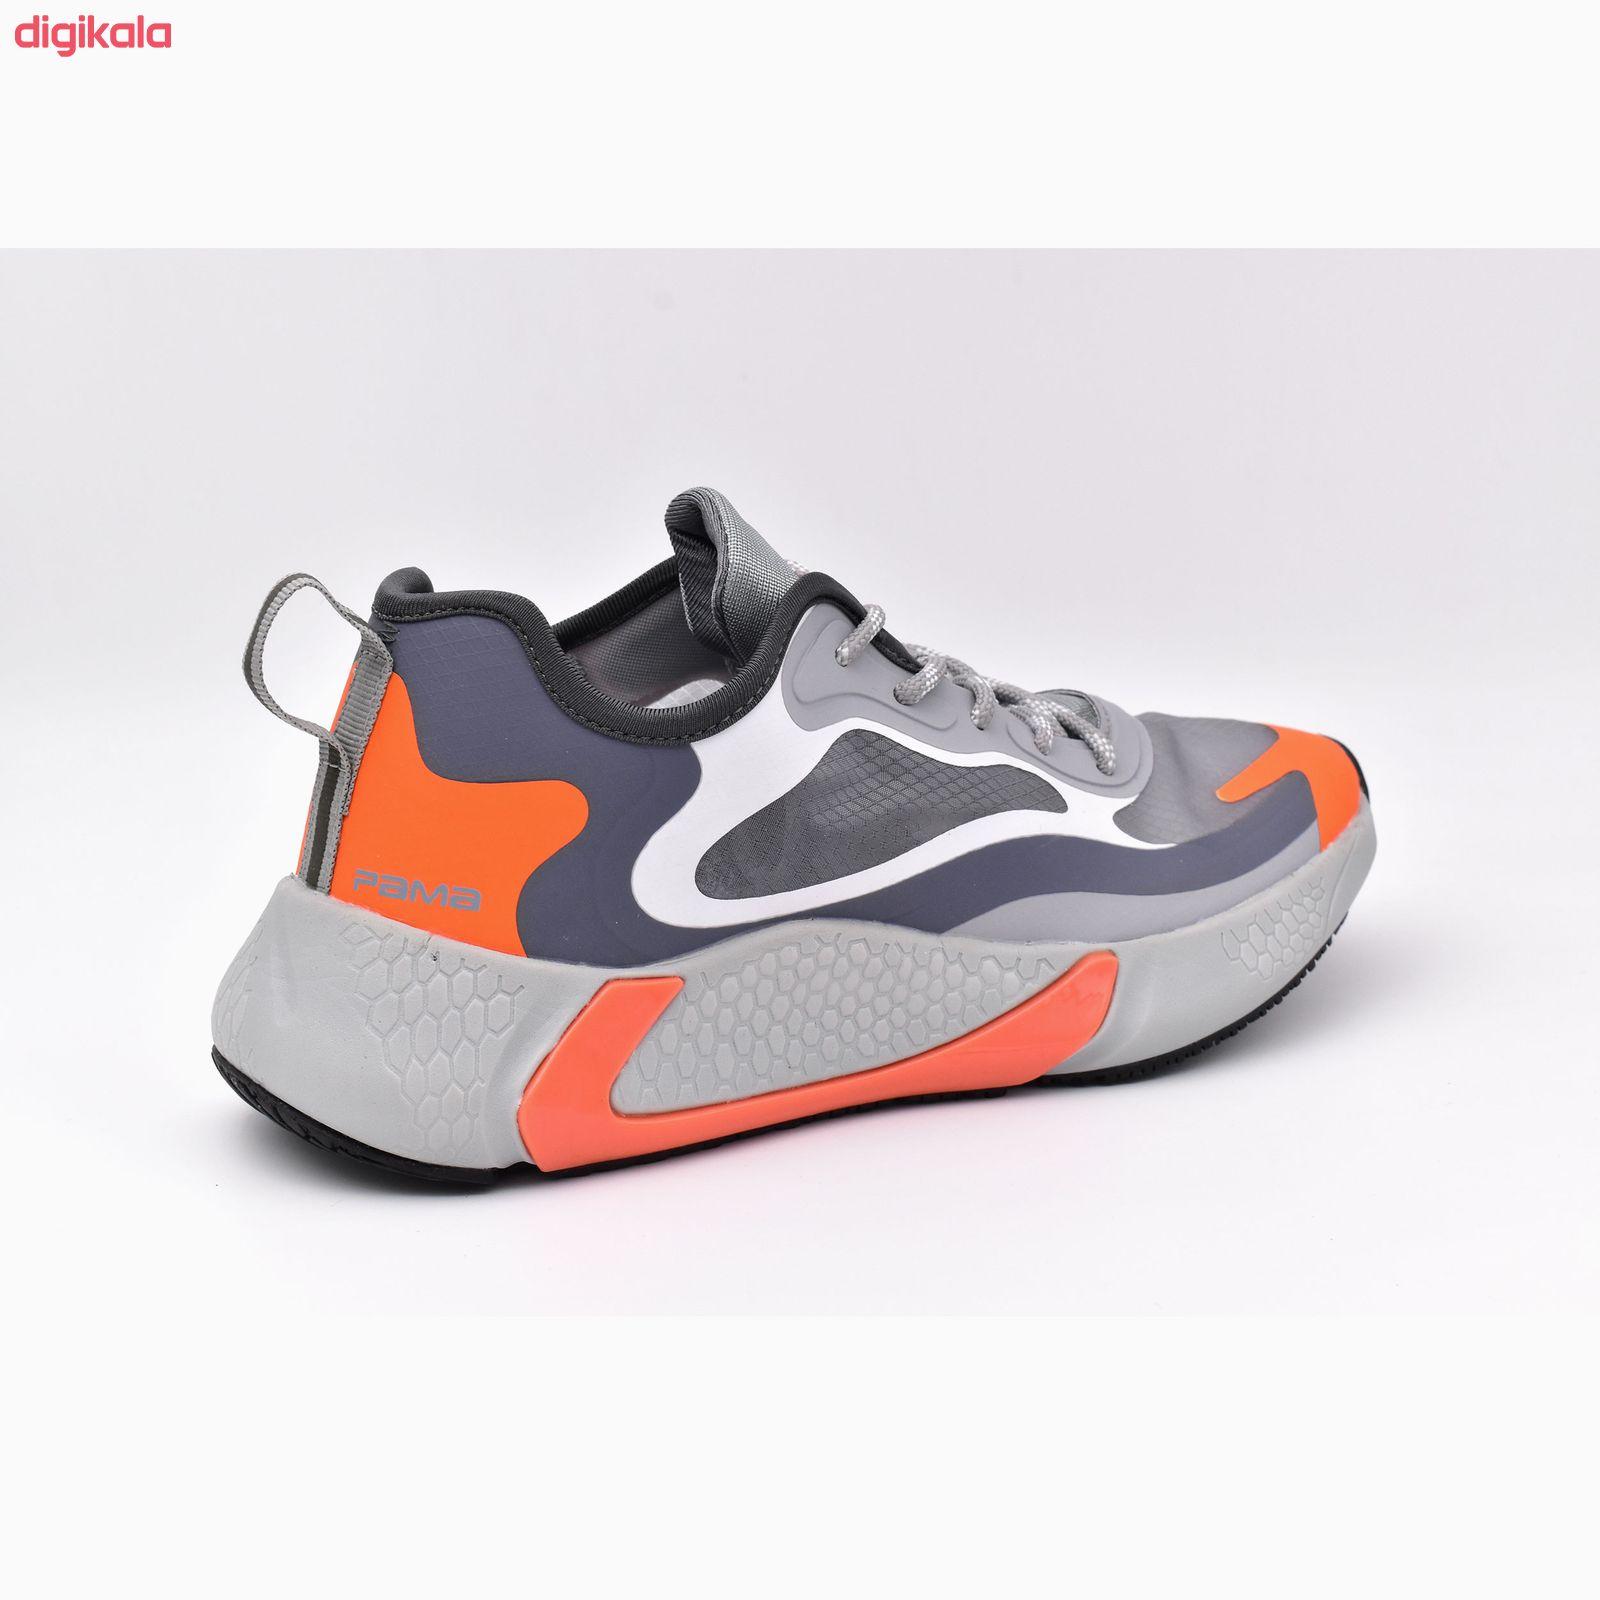 کفش پیاده روی مردانه پاما مدل ساموئل کد G1421 main 1 9